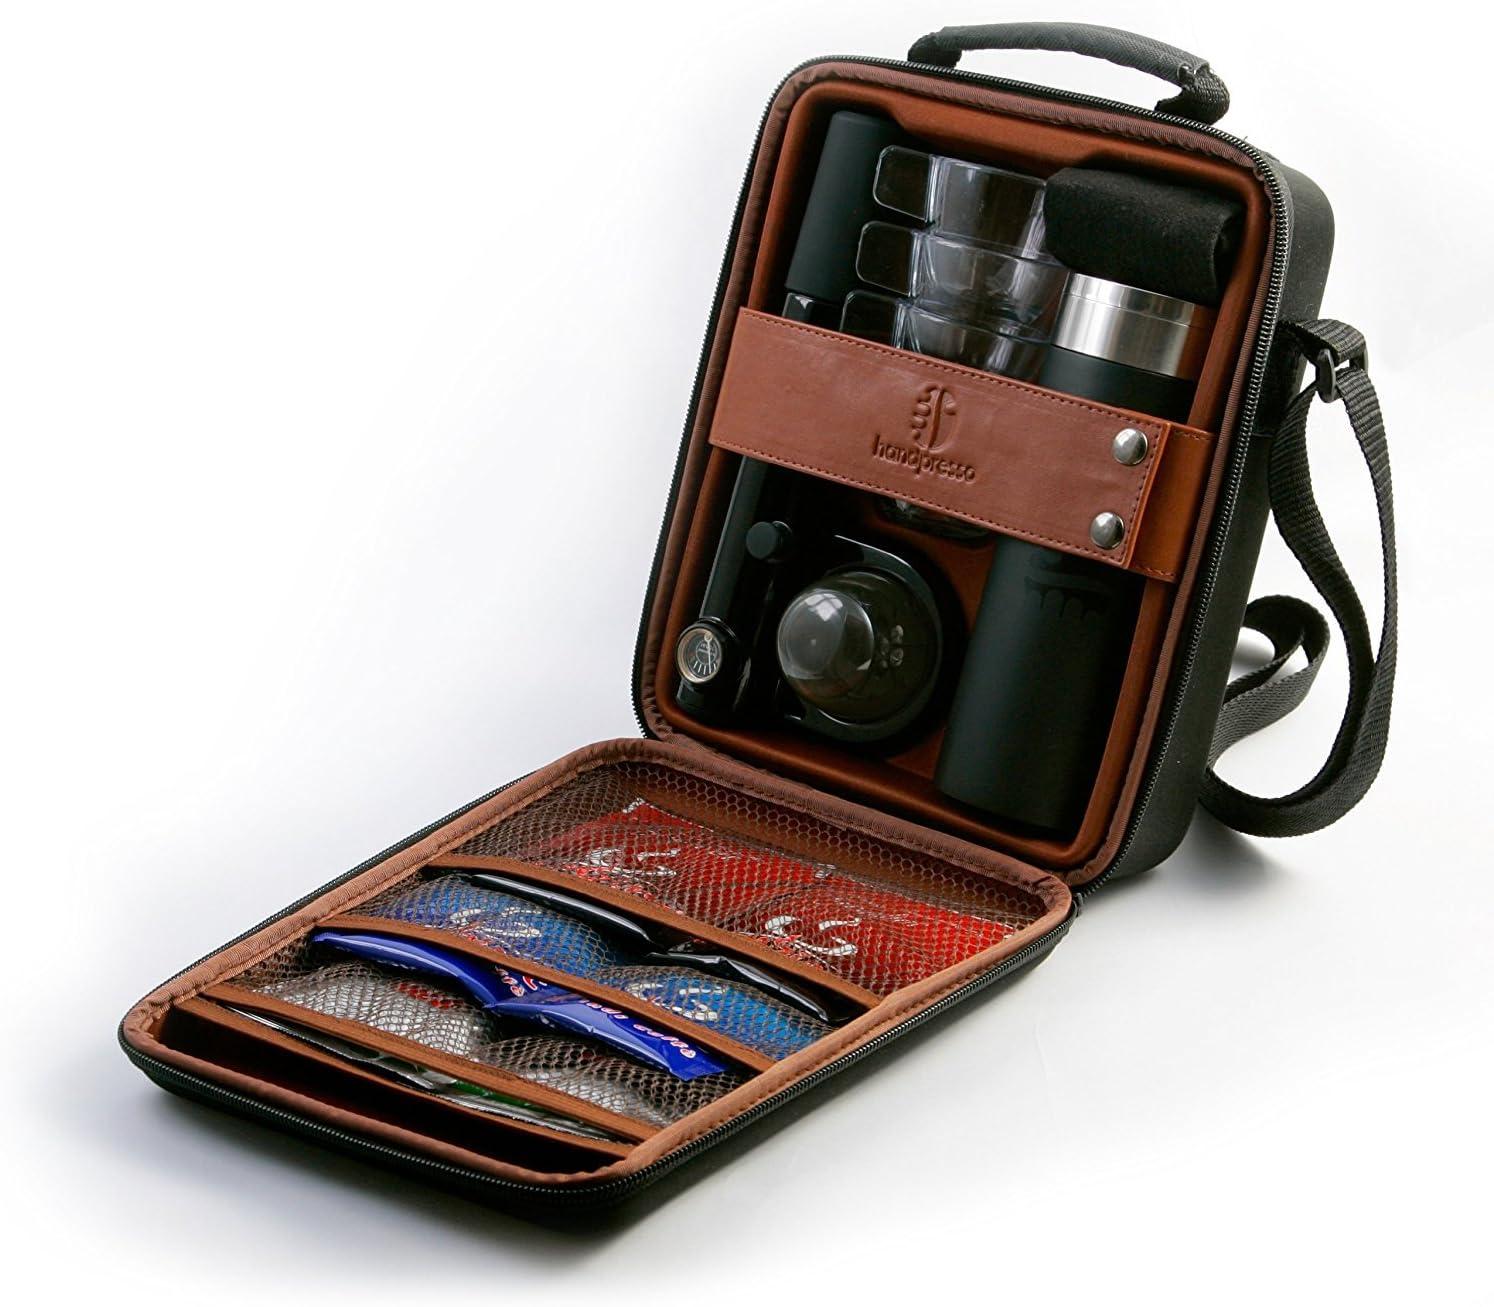 Handpresso 48206 - Cafetera de monodosis ESE (portátil, con termo y tazas): Amazon.es: Hogar